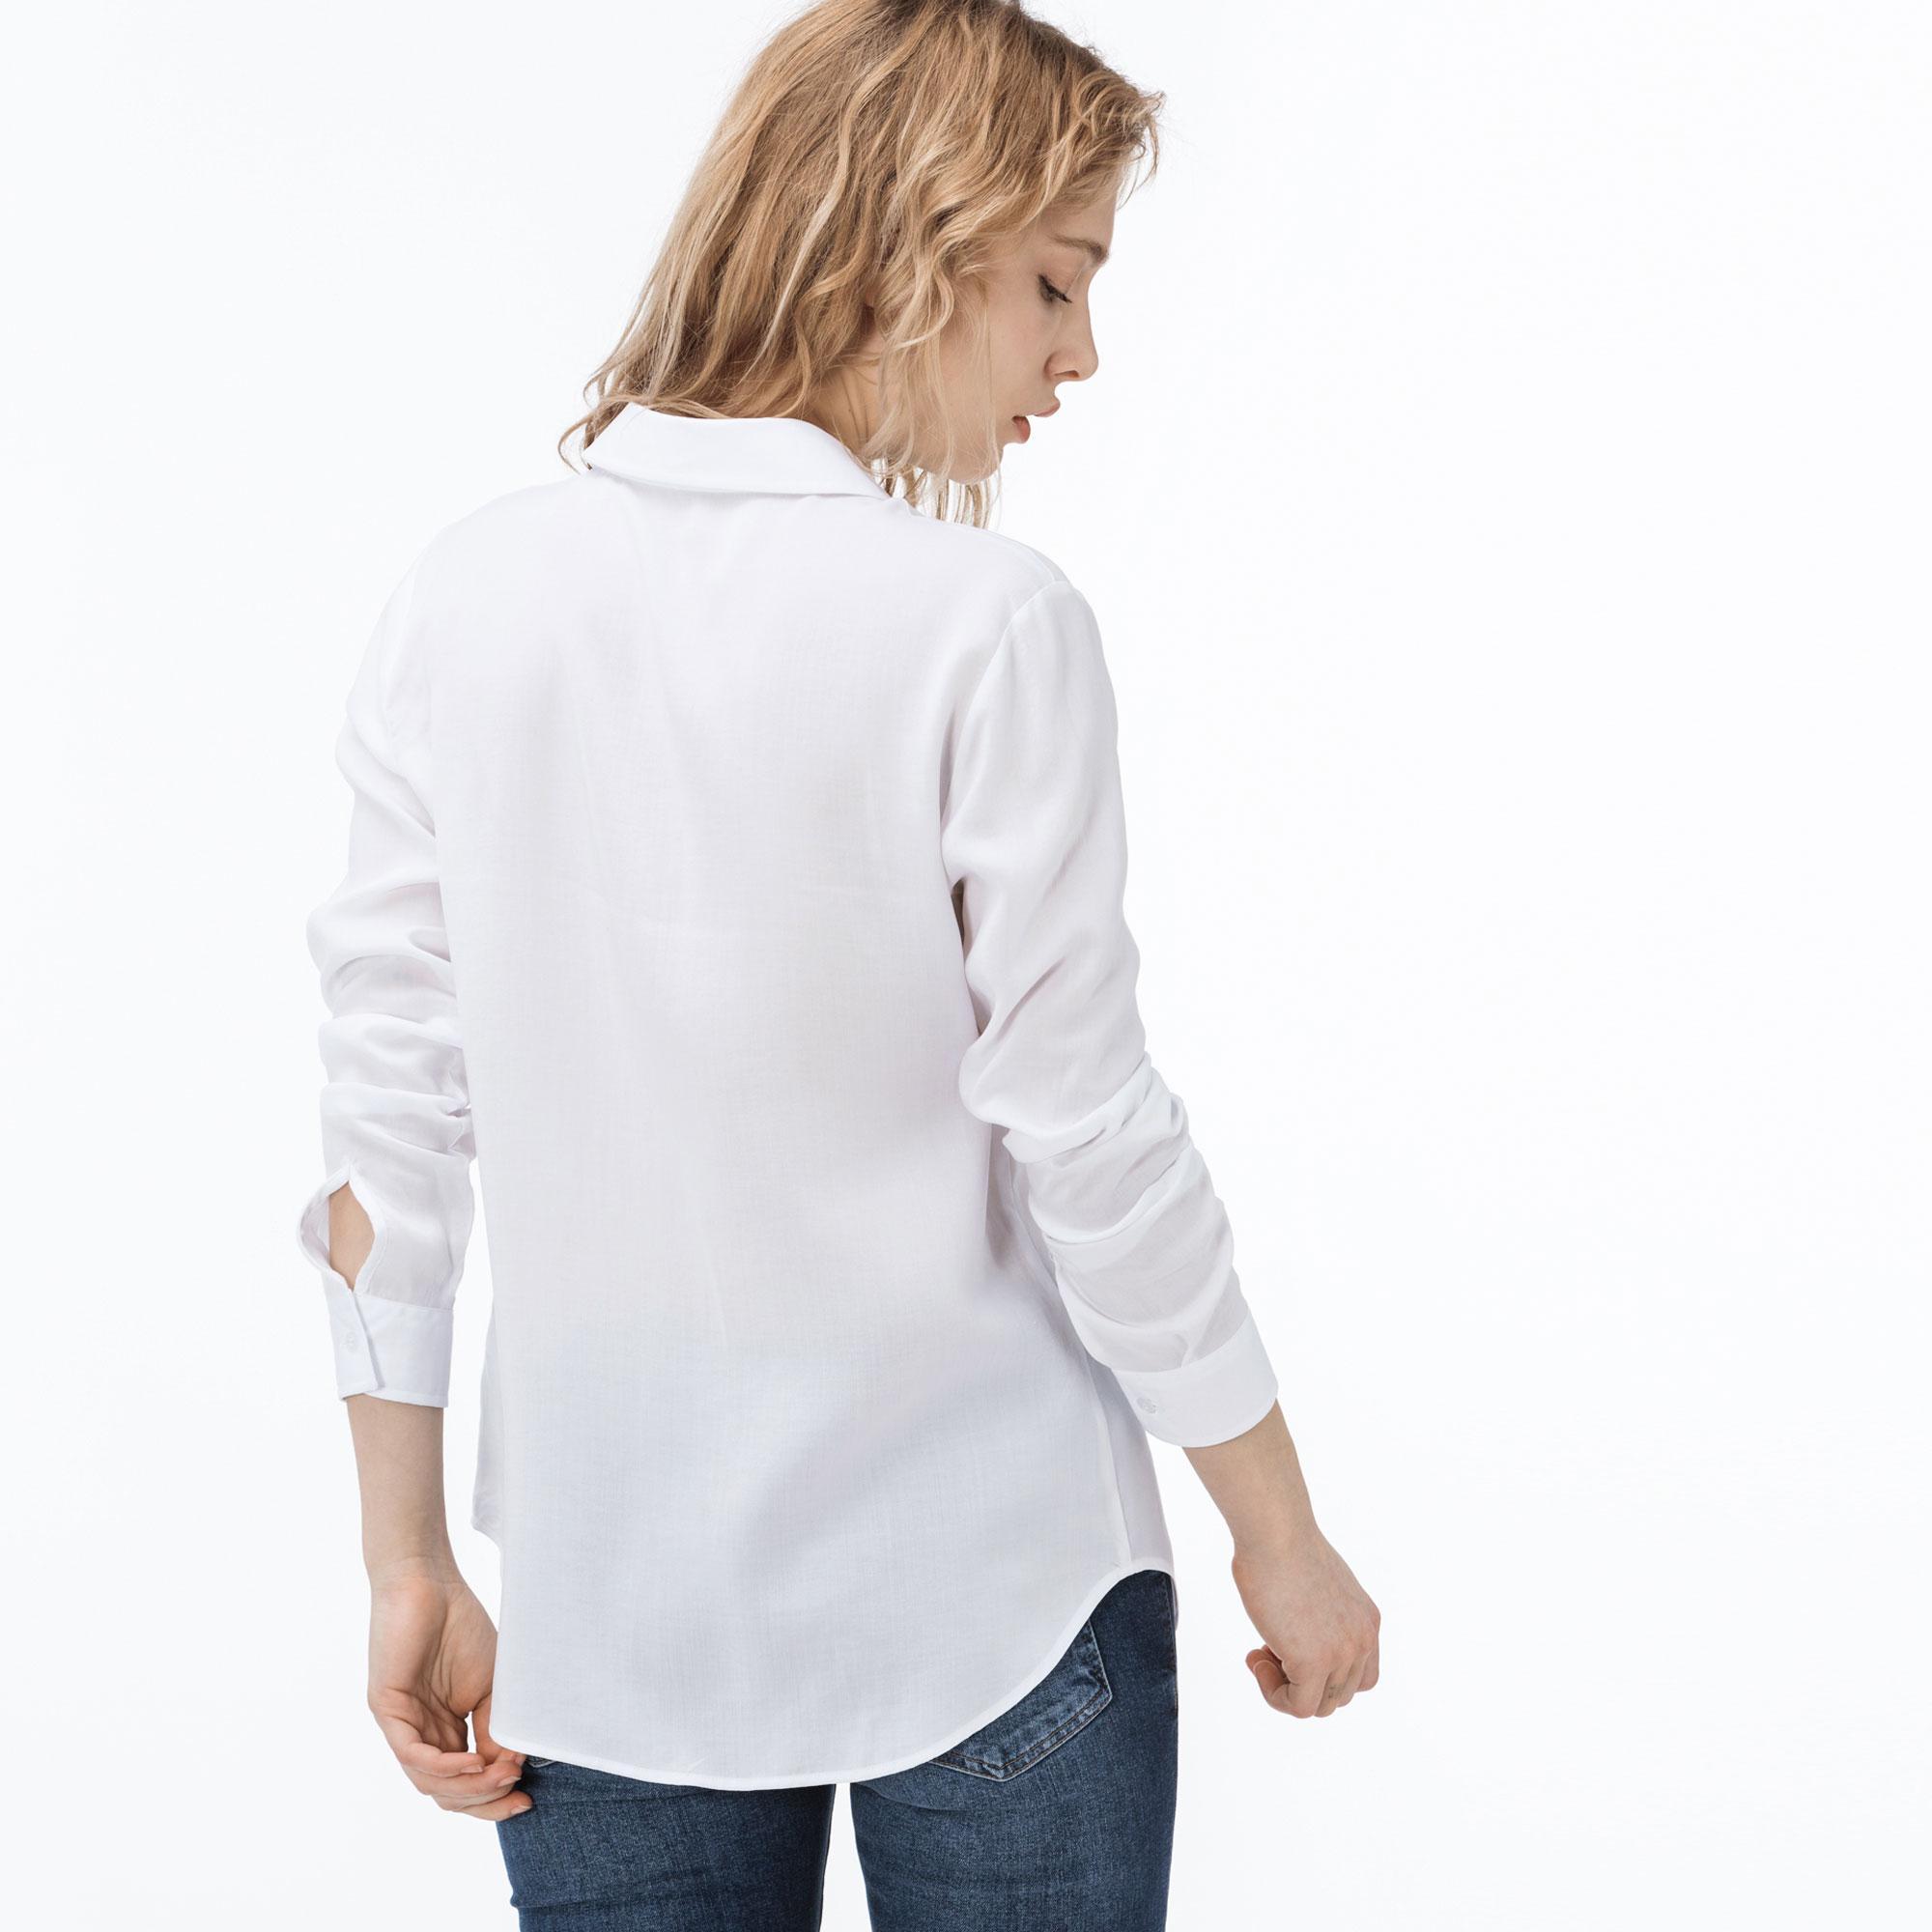 Lacoste Women's Shirt